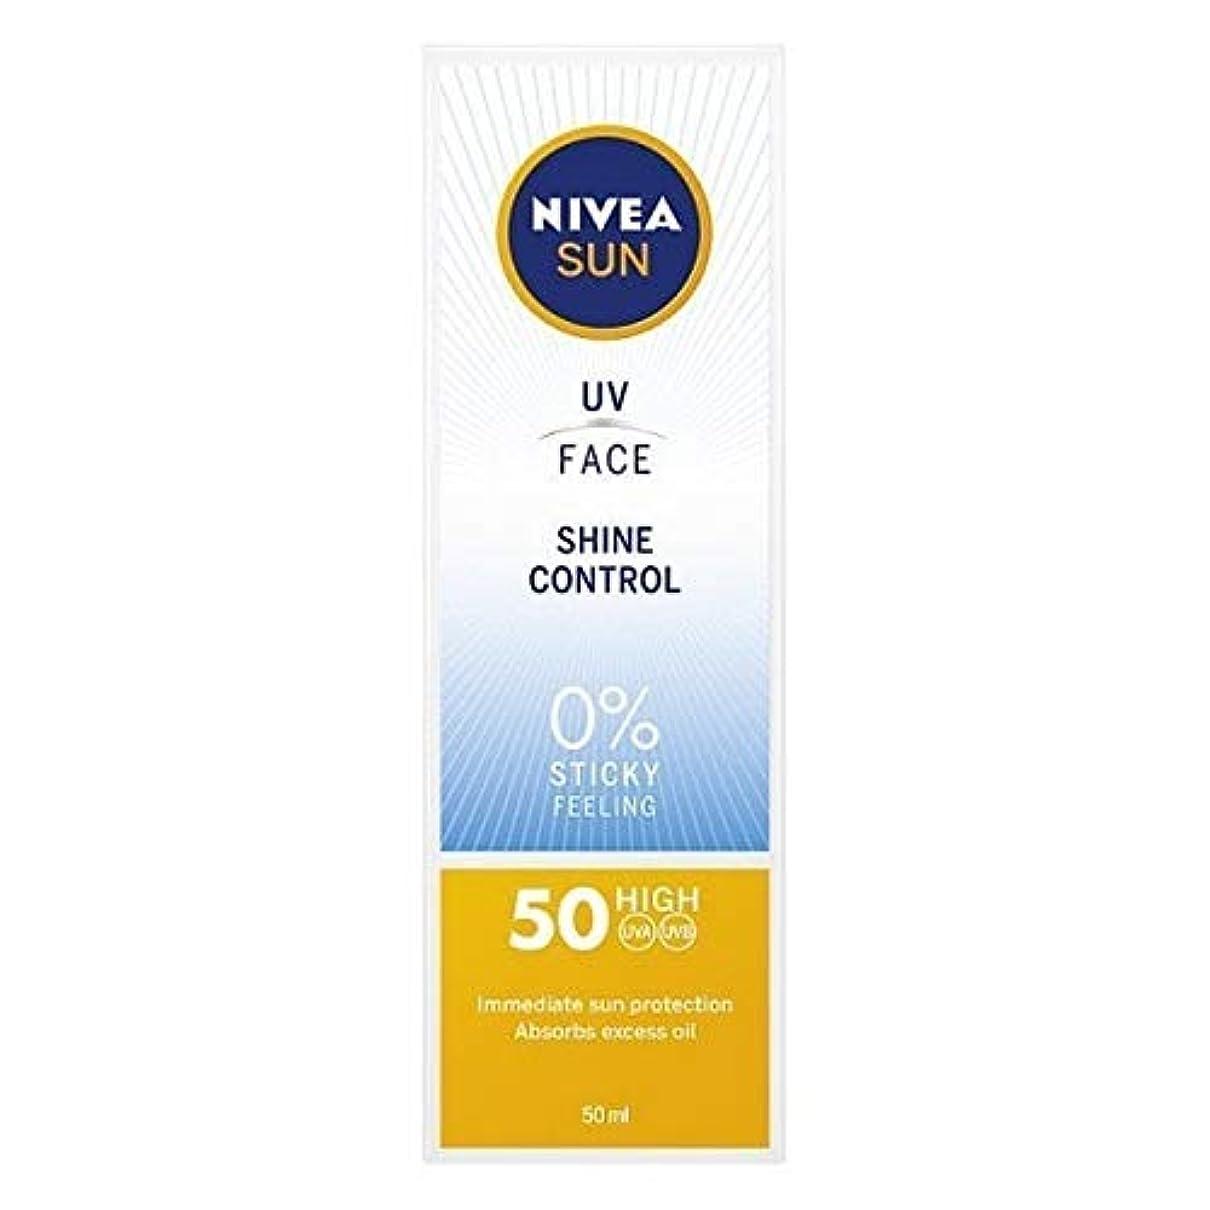 確保するじゃない祈り[Nivea ] ニベアサンUv顔日焼け止めクリームのSpf 50、輝き制御、50ミリリットル - NIVEA SUN UV Face Suncream SPF 50, Shine Control, 50ml [並行輸入品]